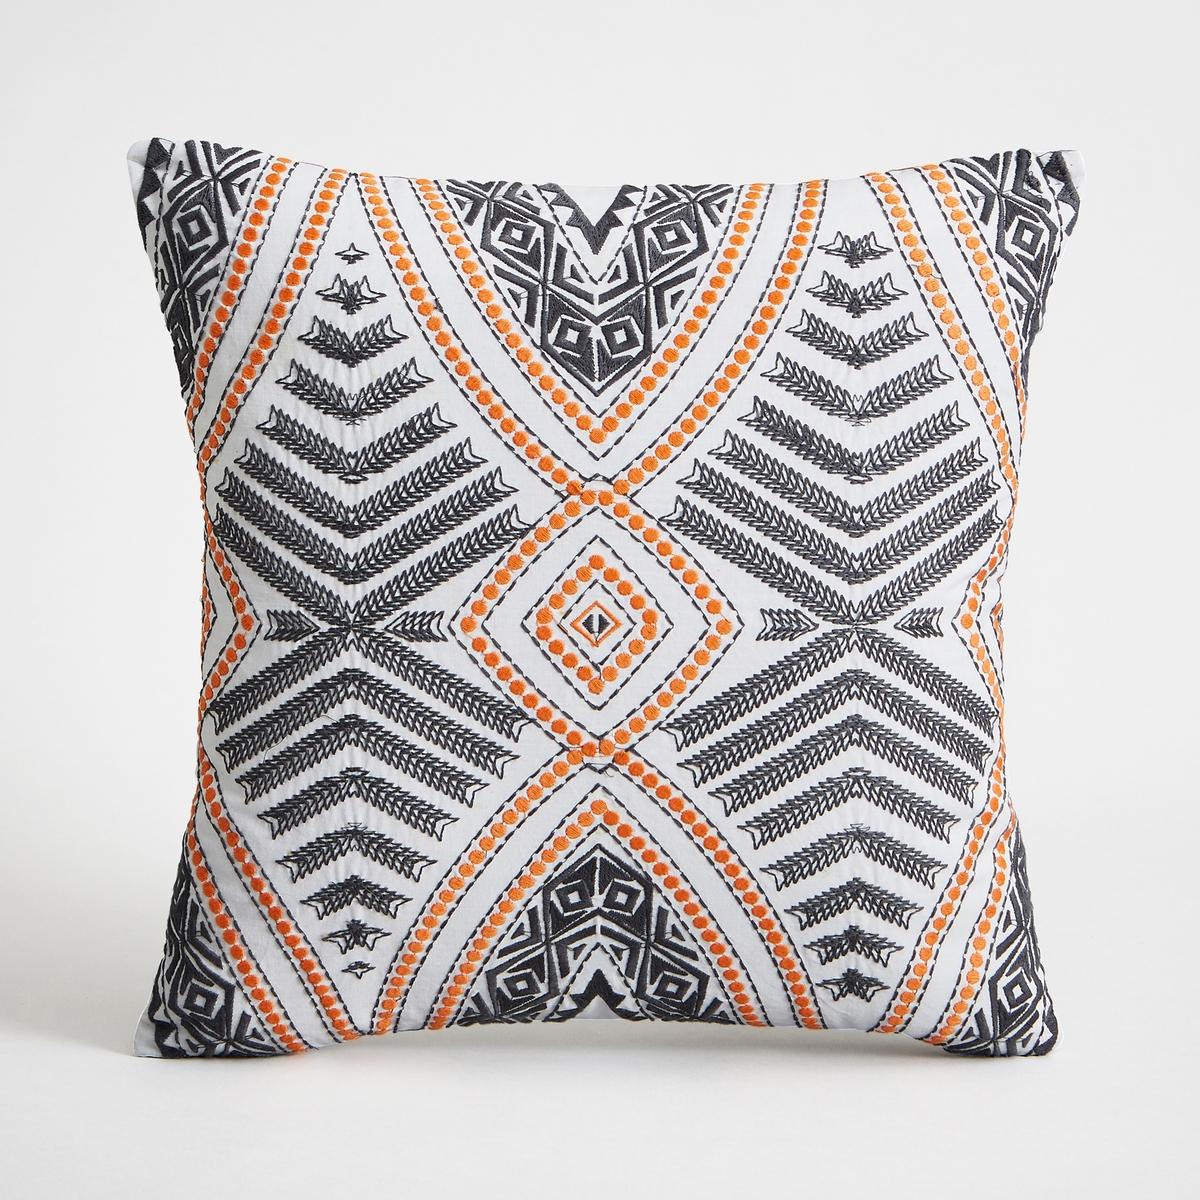 Чехол для подушки SantoftЧехол для подушки Santoft с рисунком и вышивкой. Застежка на молнию. Стирка при 30°.Состав:- 100% хлопок. Размеры :- 40 x 40 см.Подушка продается отдельно на сайте.<br><br>Цвет: оранжевый/ черный